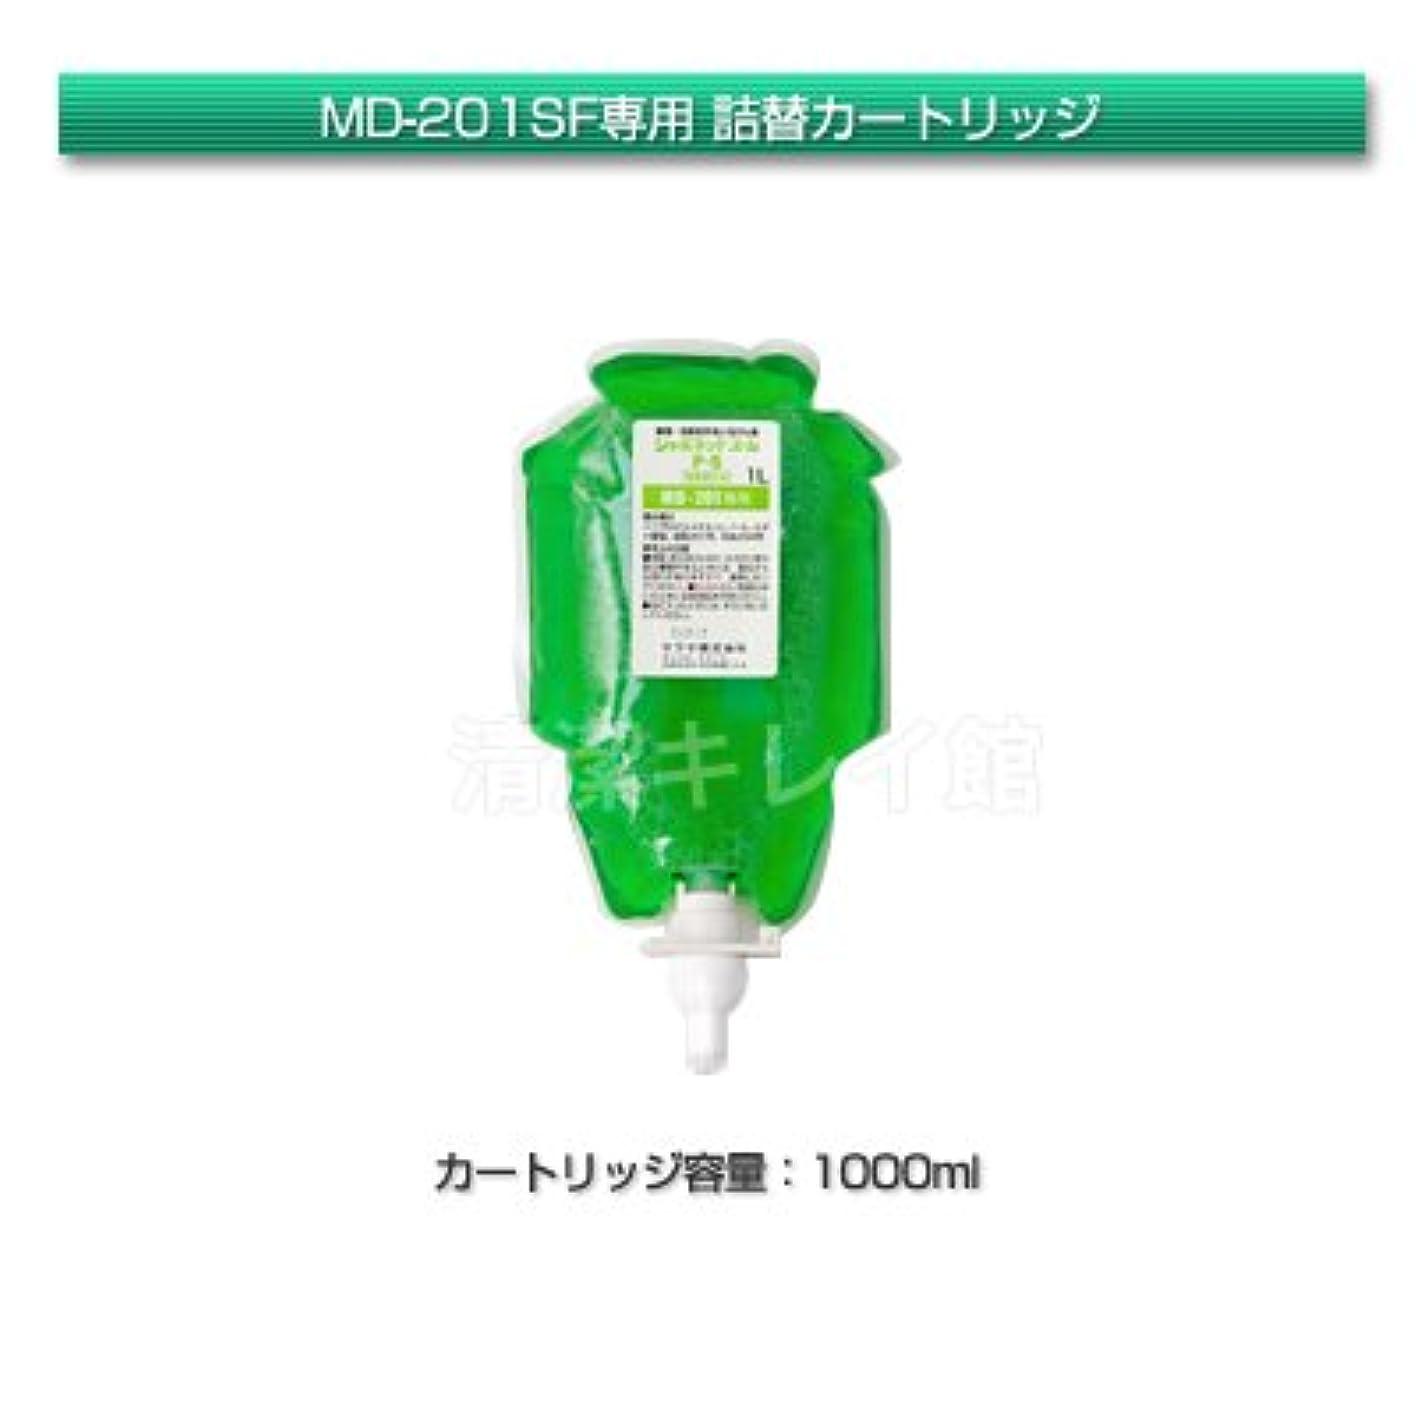 アフリカホームペアサラヤ プッシュ式石鹸液 MD-201SF(泡)専用カートリッジ(ユムP-5)1000ml【清潔キレイ館】